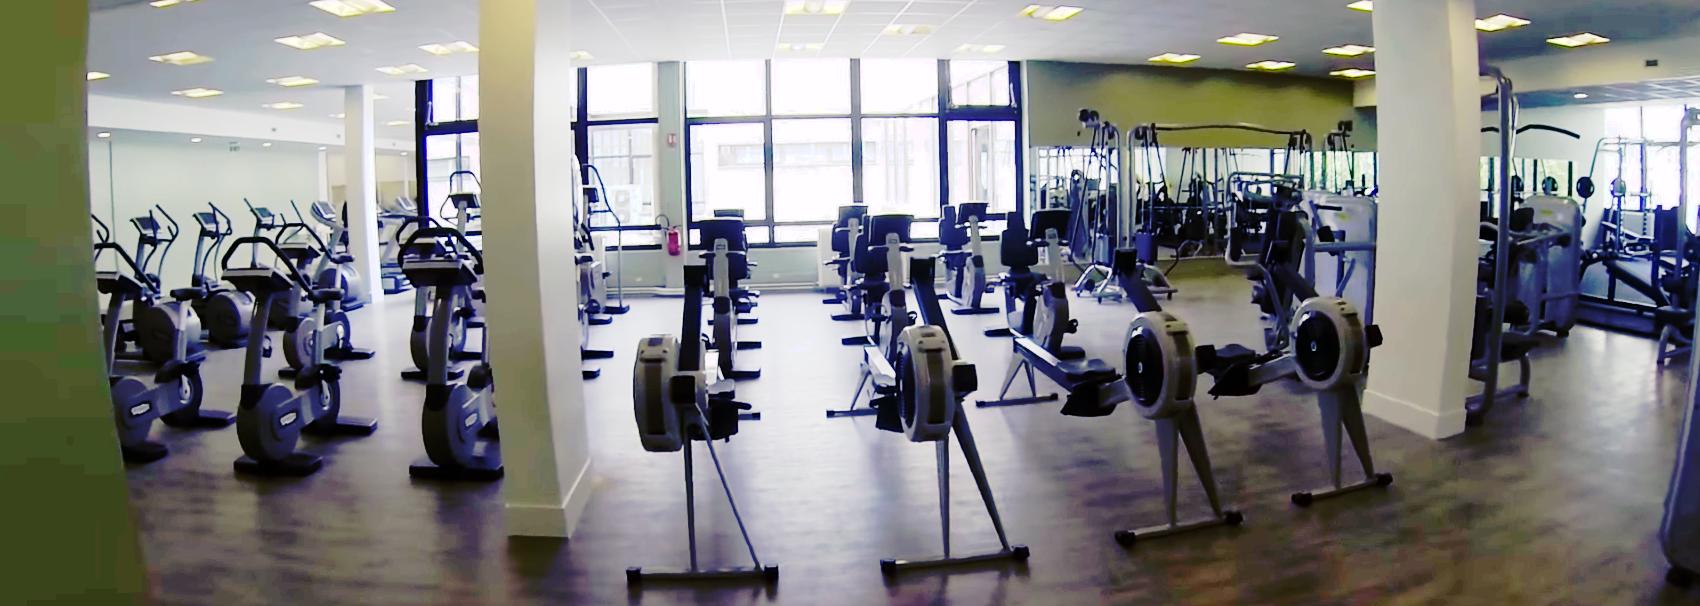 salles de sport pas cher avec poids libre paris gymforless. Black Bedroom Furniture Sets. Home Design Ideas